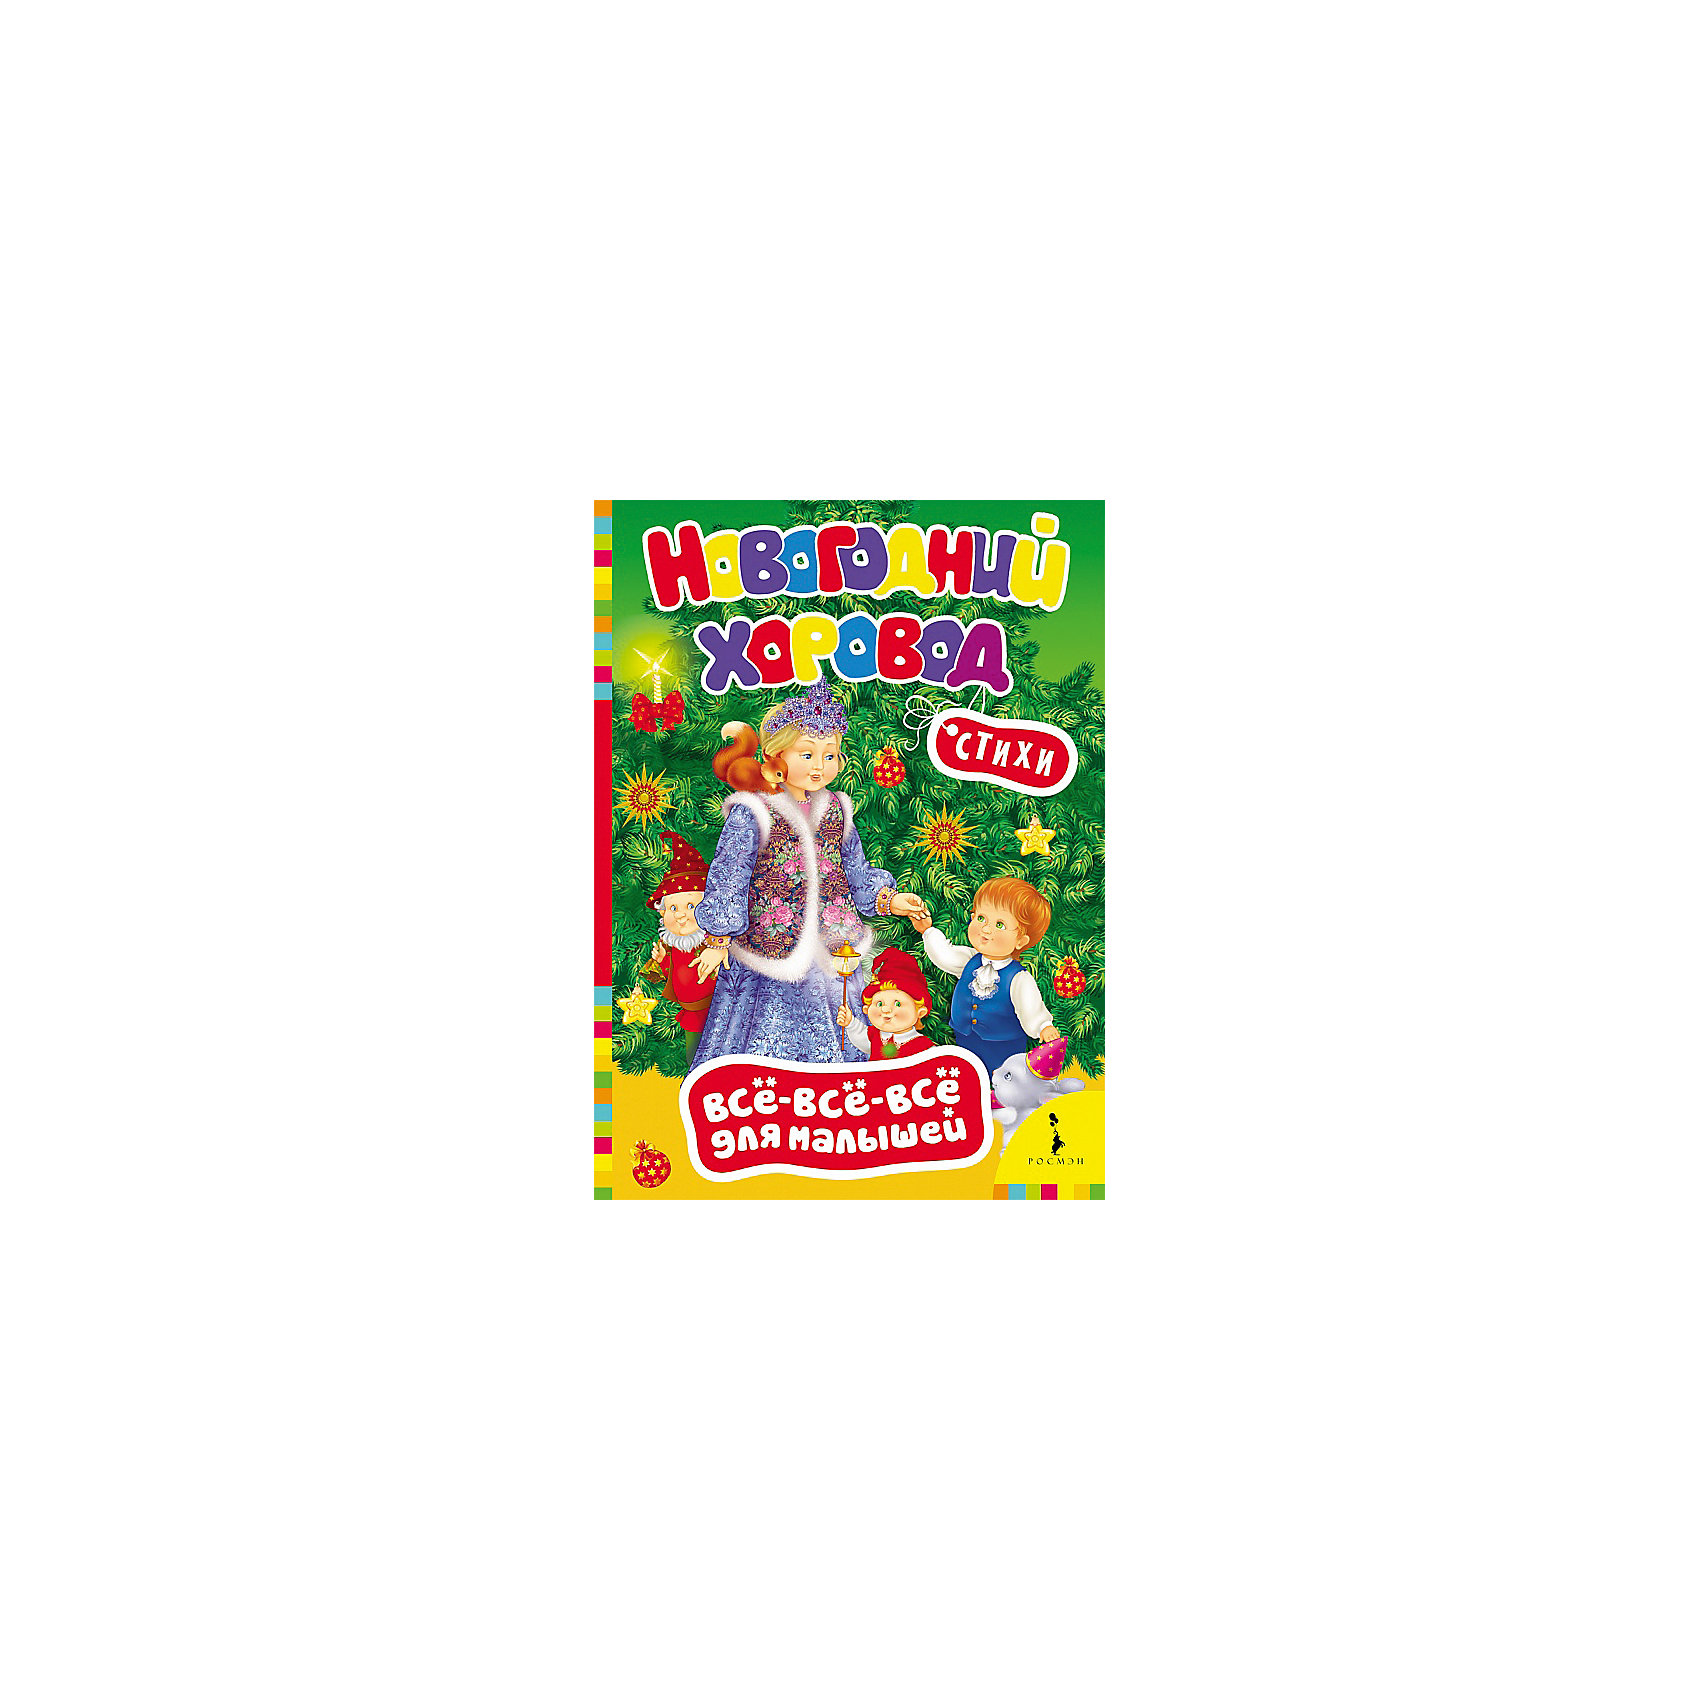 Сборник Новогодний хоровод, Всё-всё-всё для малышейЗамечательная подборка стихов, потешек и загадок к Новому году. Красивая книжка с глянцевыми страничками и праздничными стихами станет прекрасным подаркам для малышей. <br><br>Дополнительная информация: <br><br>- Иллюстрации: цветные.<br>- Формат: 22х16 см.<br>- Переплет: твердый.<br>- Количество страниц: 12 <br><br>Сборник Новогодний хоровод можно купить в нашем магазине.<br><br>Ширина мм: 220<br>Глубина мм: 160<br>Высота мм: 5<br>Вес г: 113<br>Возраст от месяцев: 12<br>Возраст до месяцев: 72<br>Пол: Унисекс<br>Возраст: Детский<br>SKU: 4323882